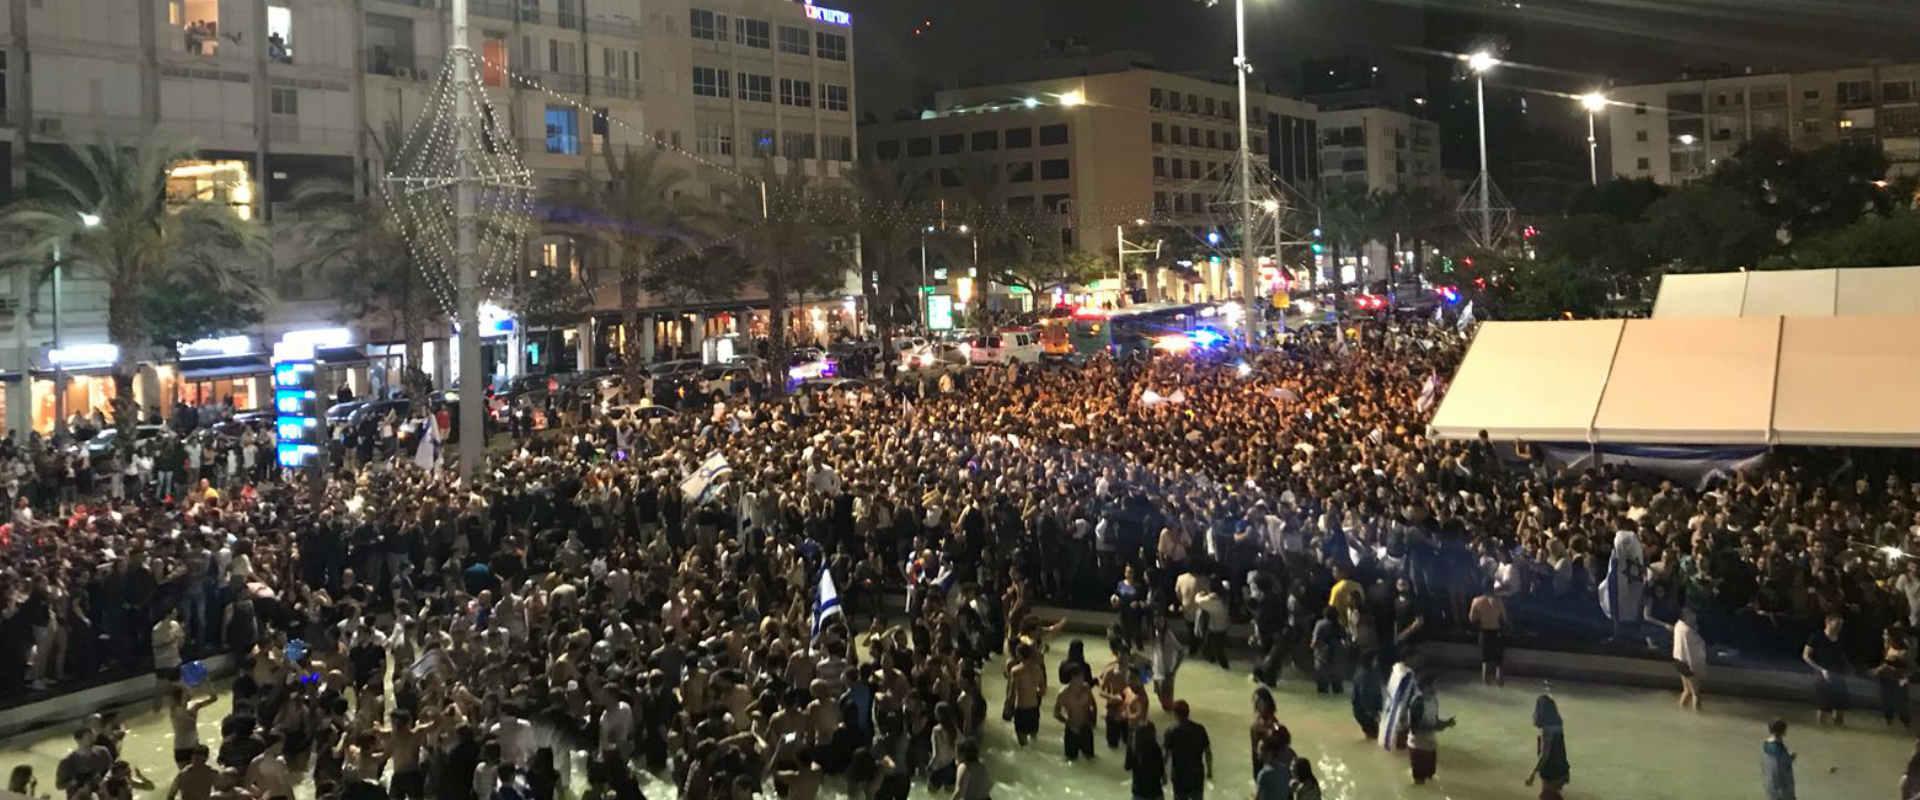 החגיגות בכיכר רבין, הלילה